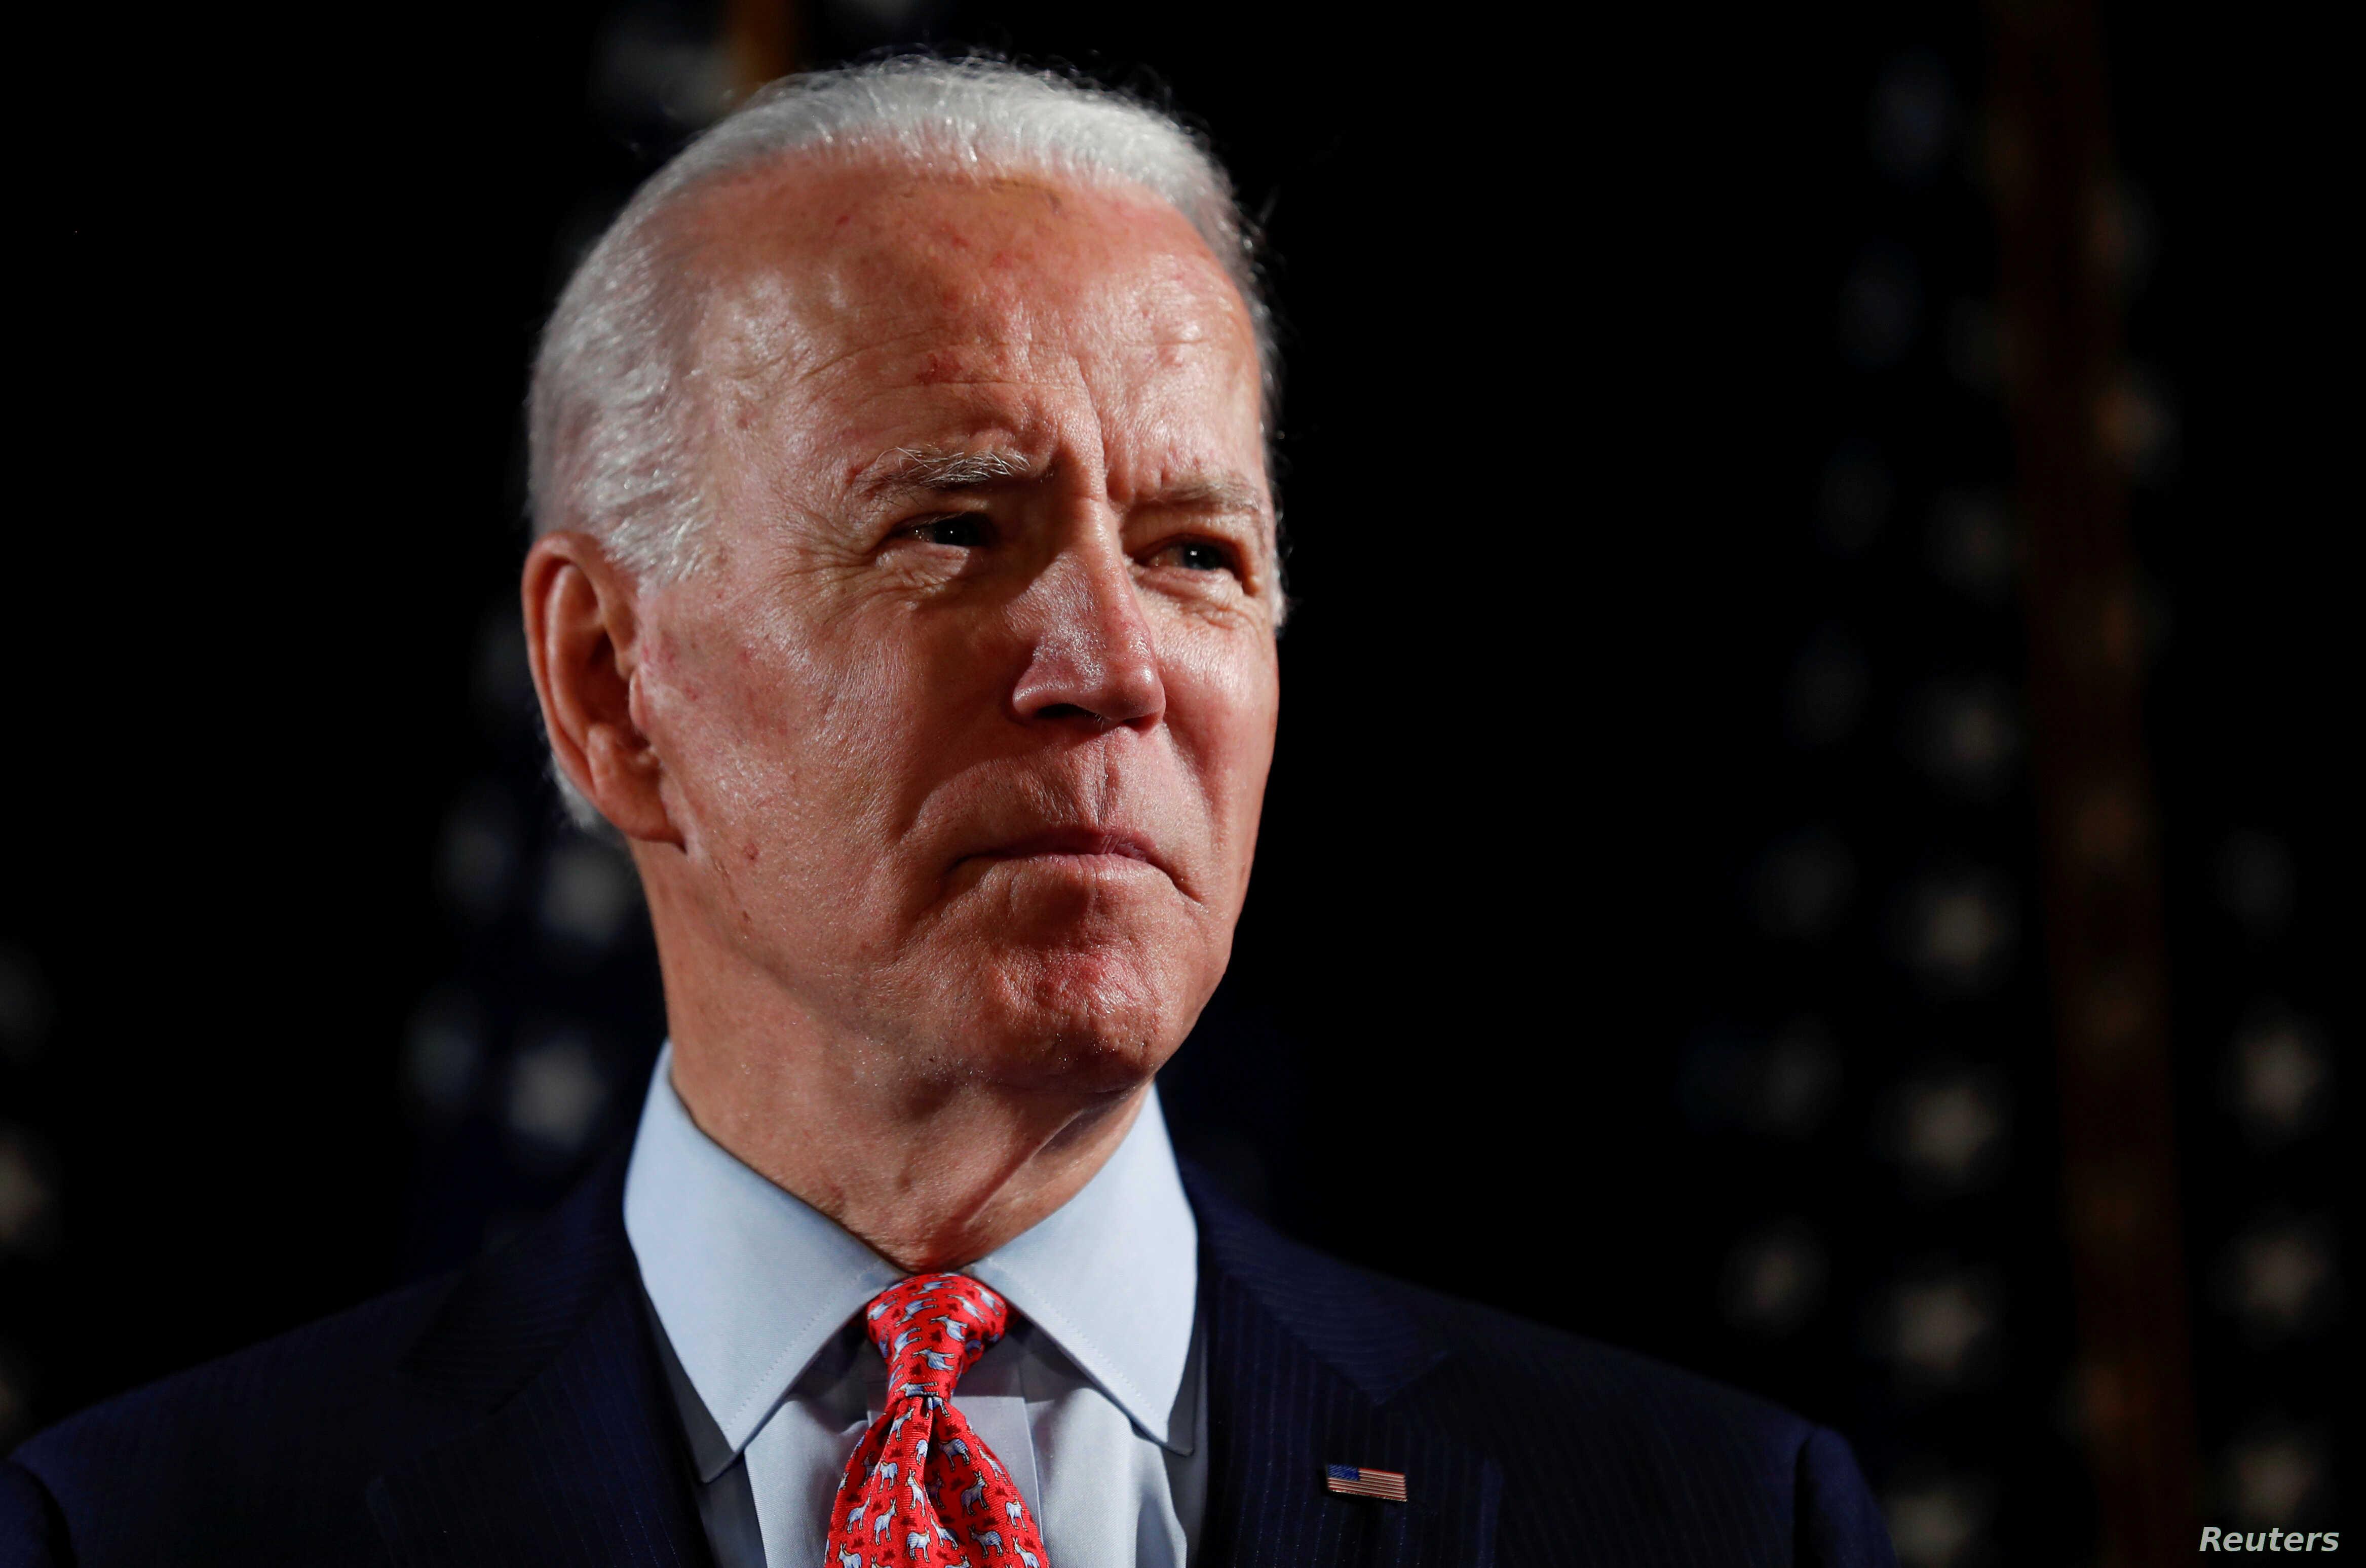 Tổng thống Joe Biden bổ nhiệm nhiều chuyên gia về châu Á vào nhóm phụ trách chính sách ngoại giao